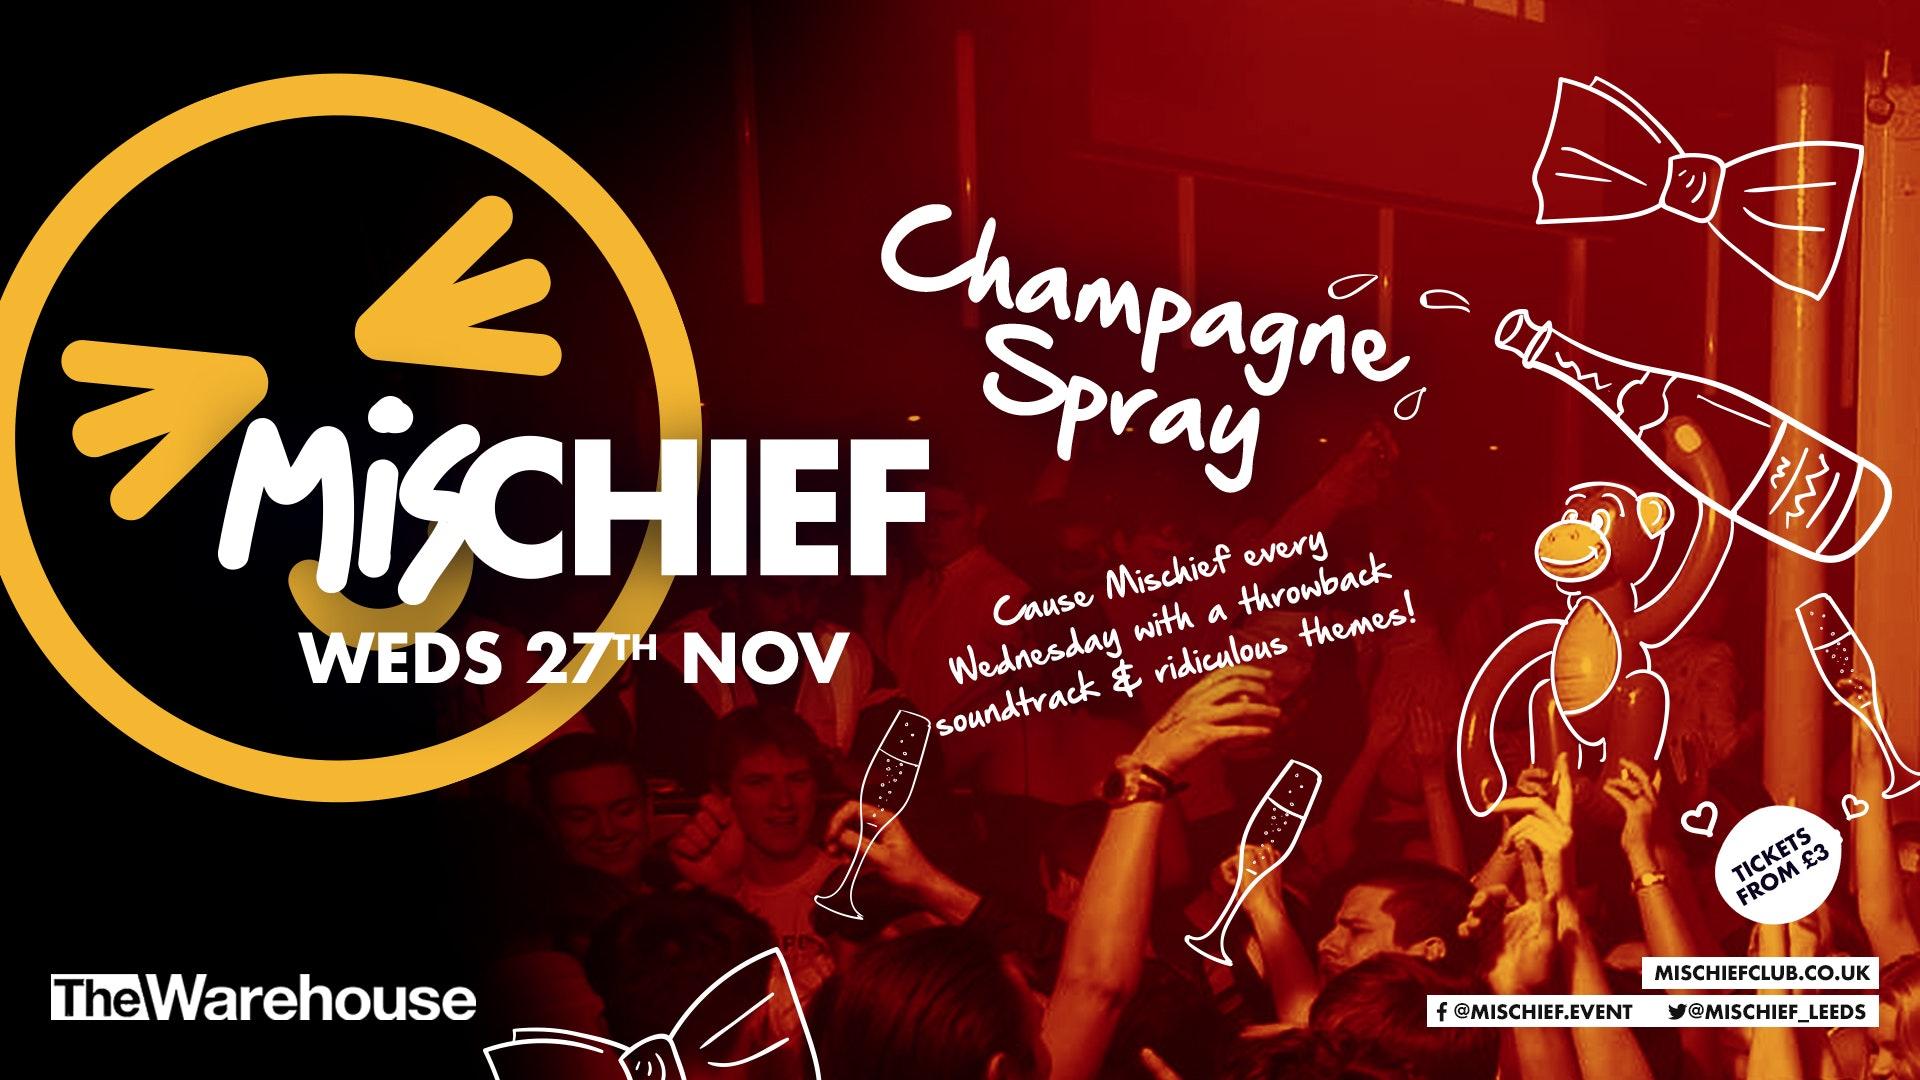 Mischief | Champagne Spray